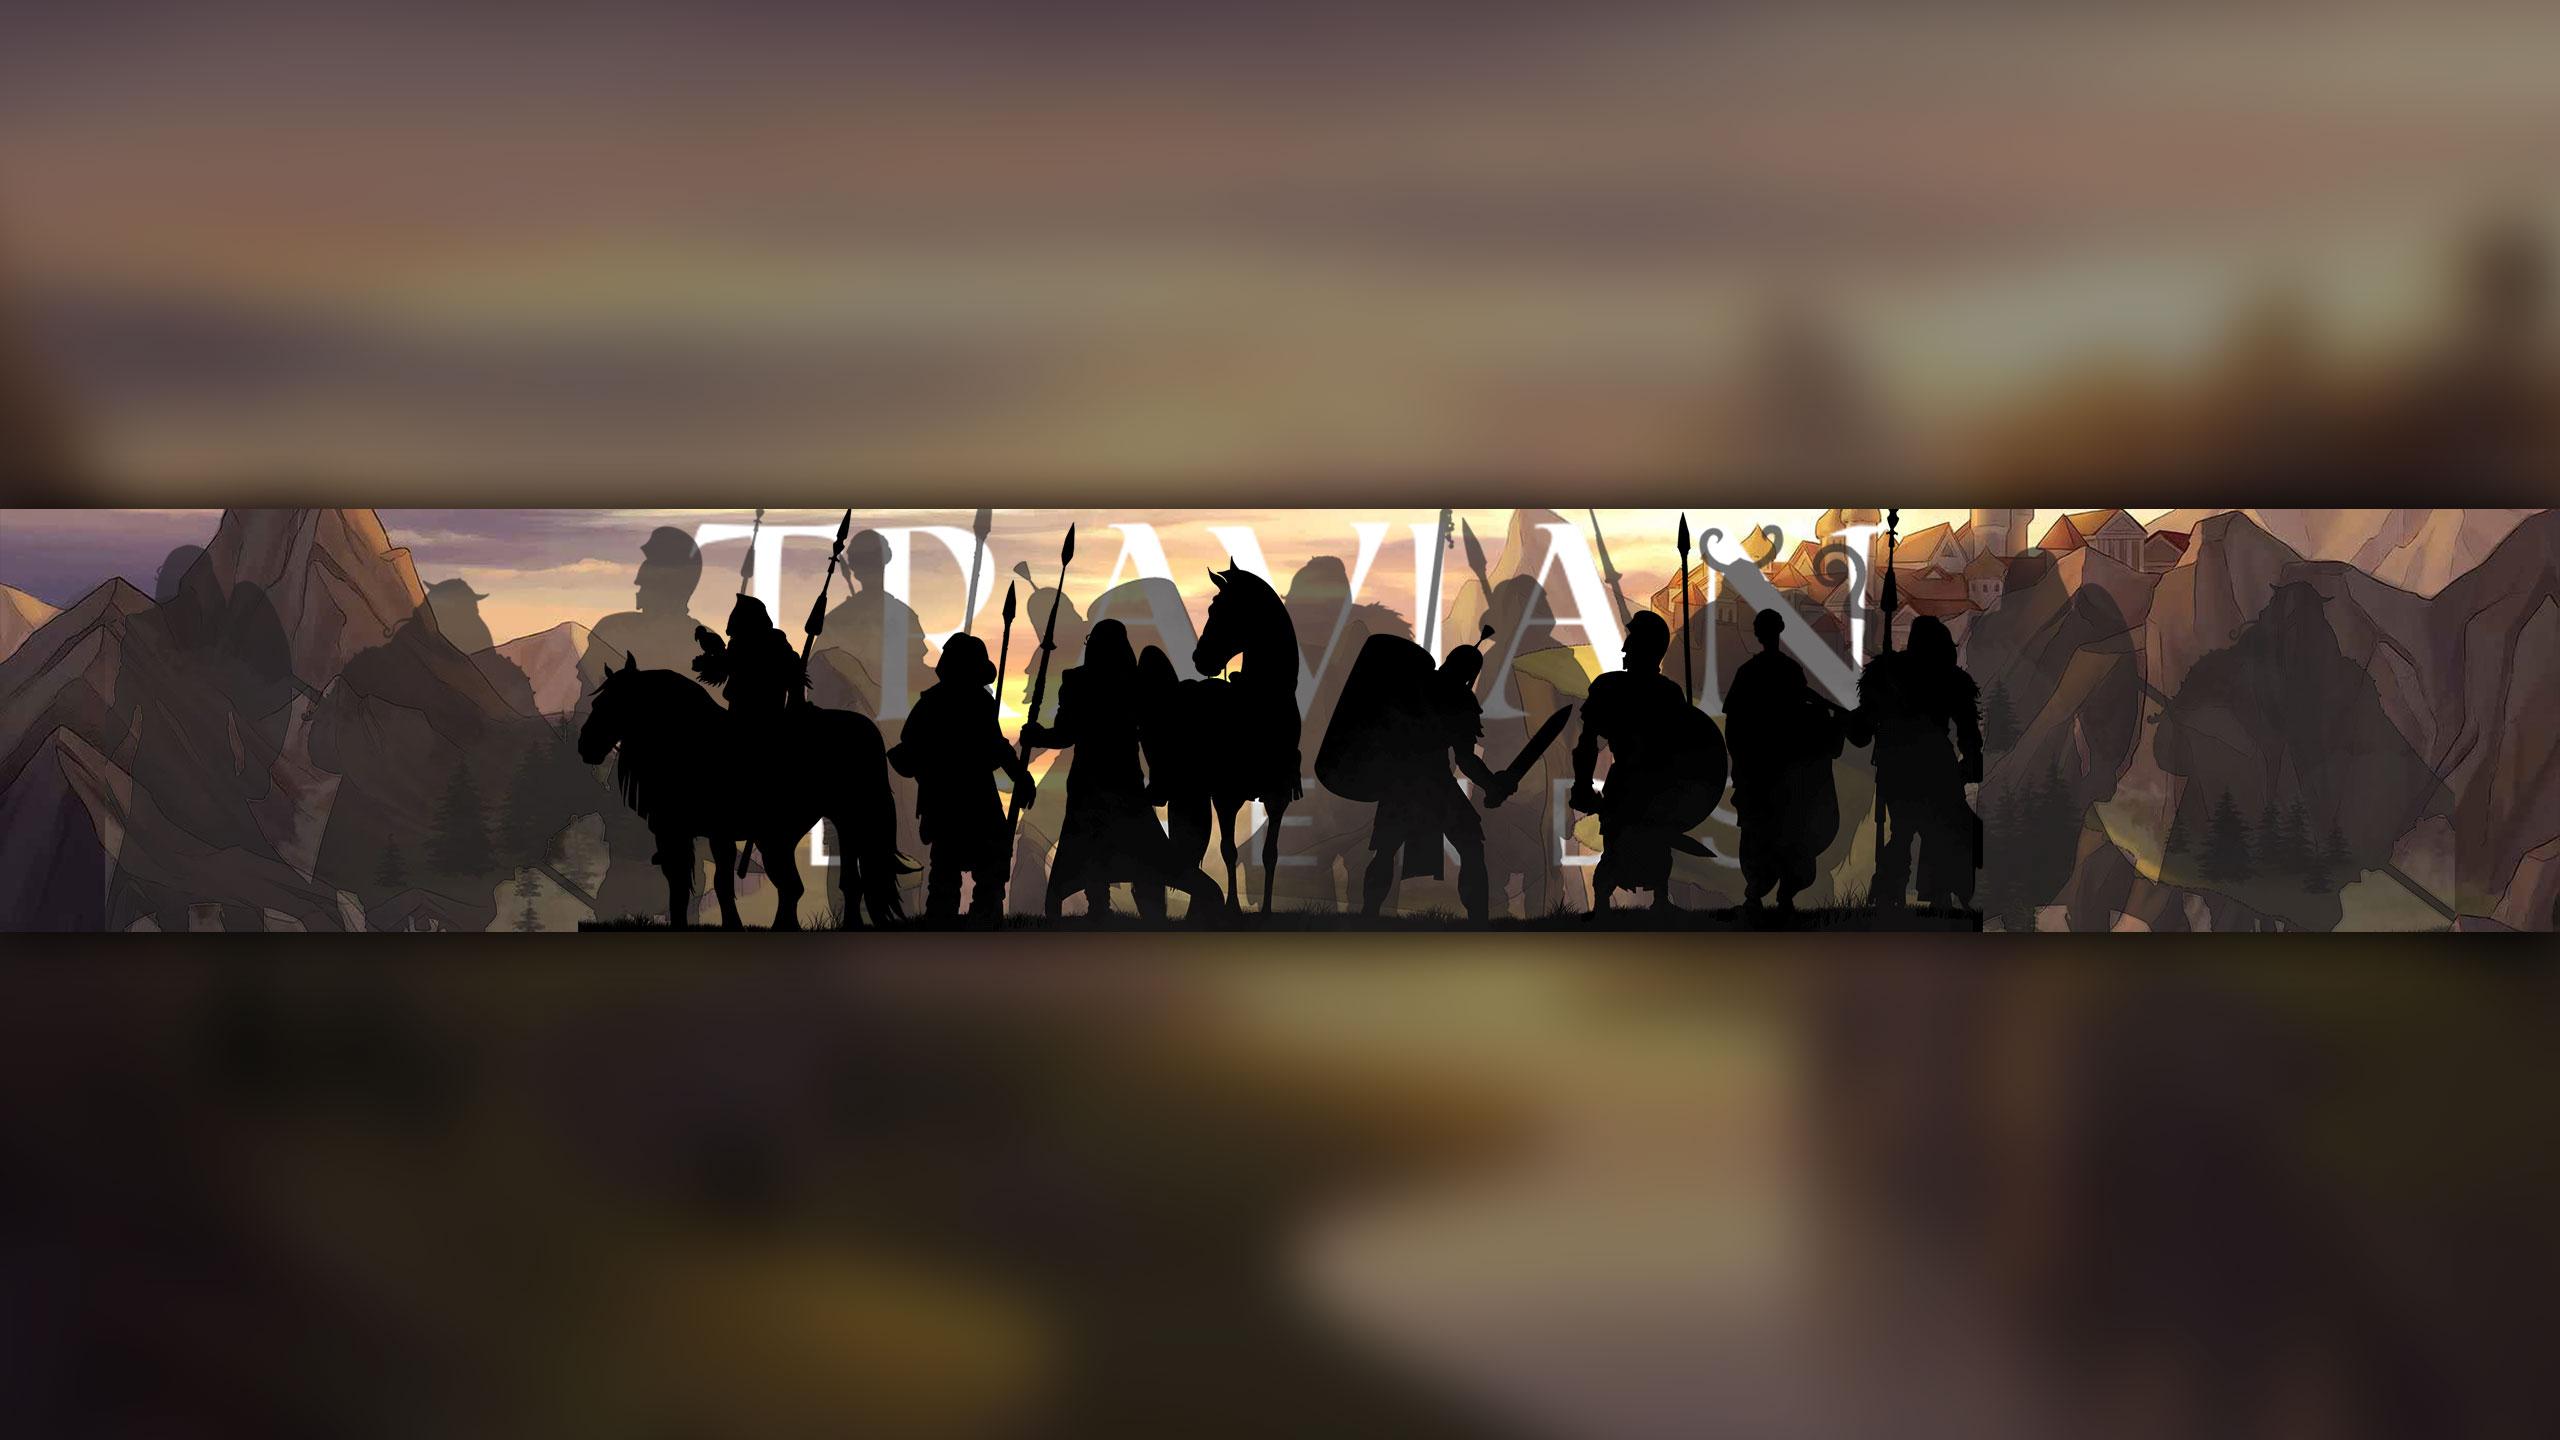 Картинка шапка для ютуб канала 2560x1440 без текста с толпой людей и лошадей на фоне пейзажа античного города по игре Travian Legends.